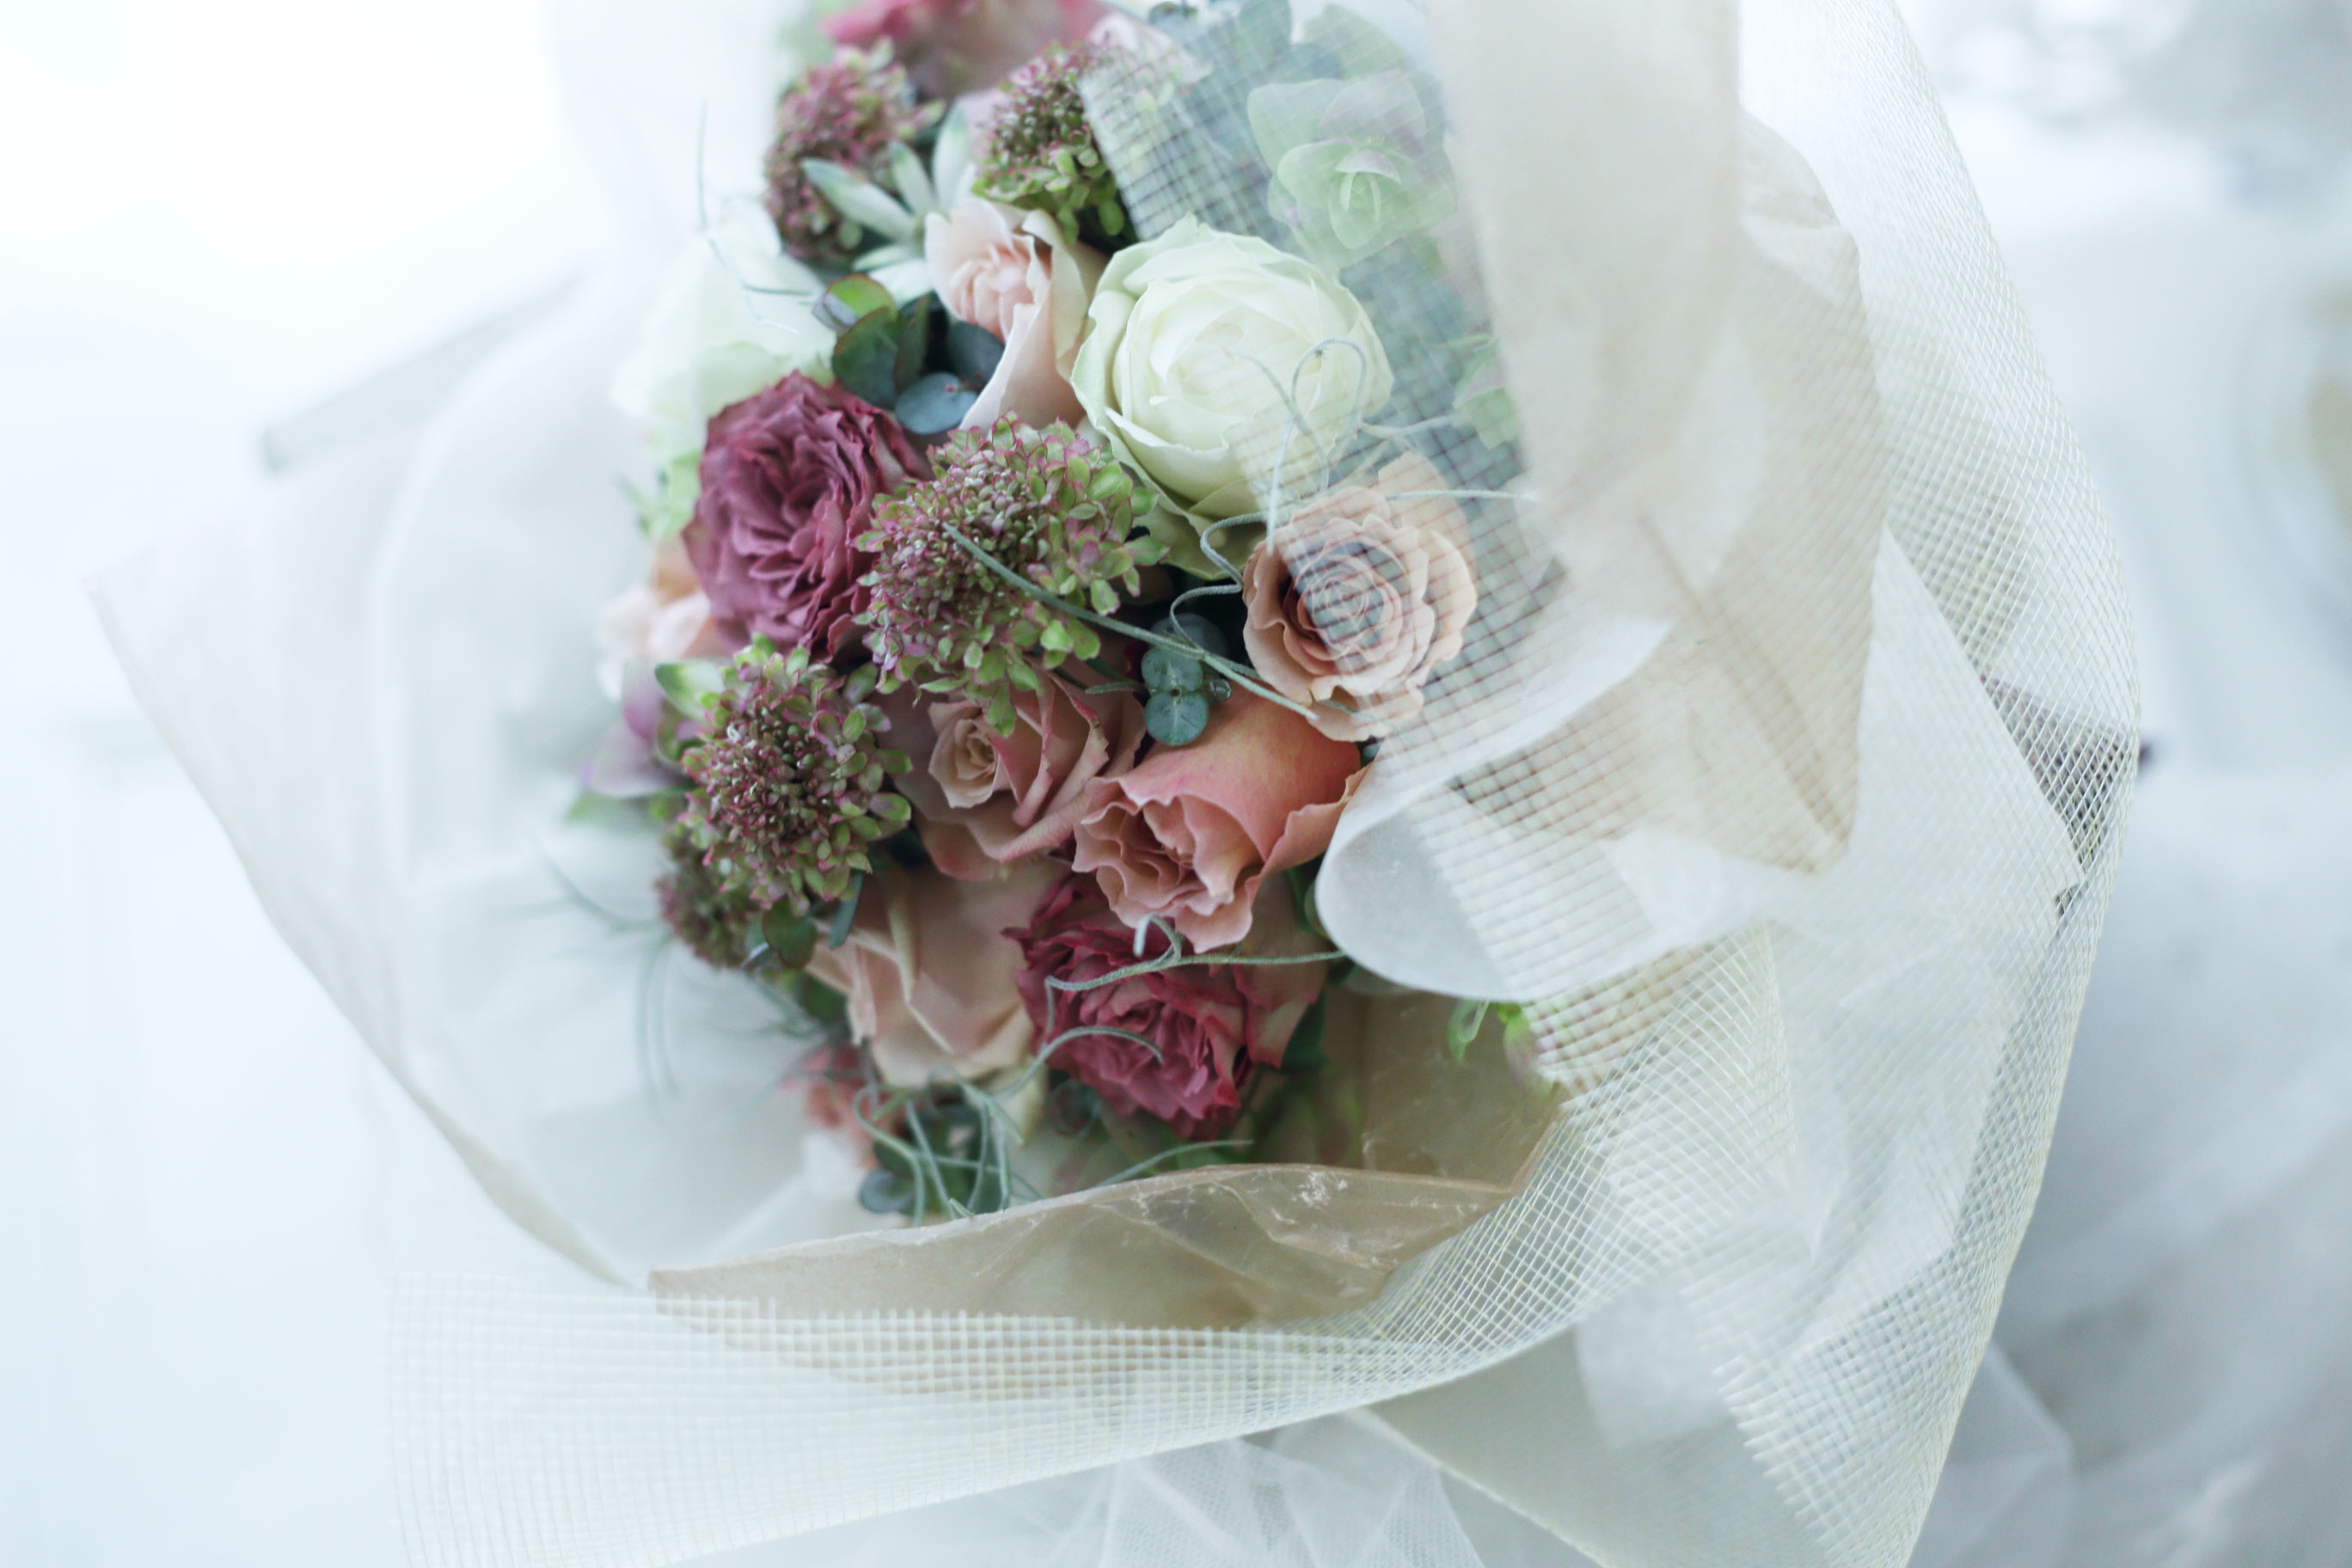 ご結婚記念日 気持ちのこもった贈り物_a0042928_2129363.jpg